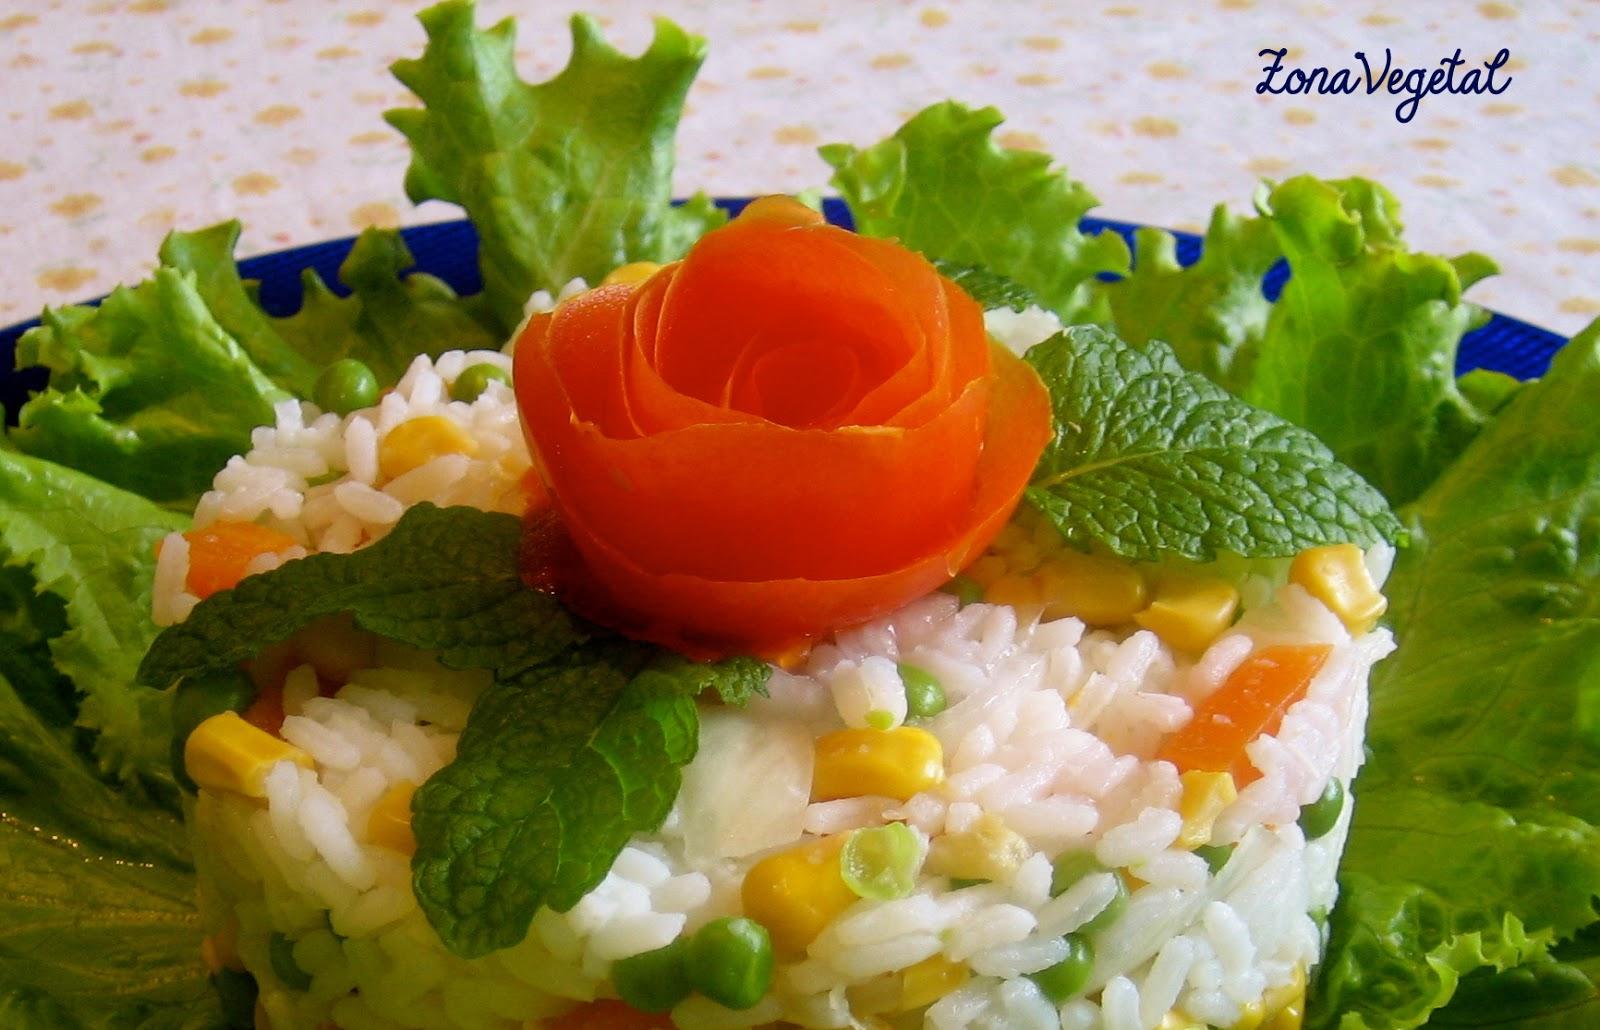 Zonavegetal ensalada de arroz for Decoracion de ensaladas